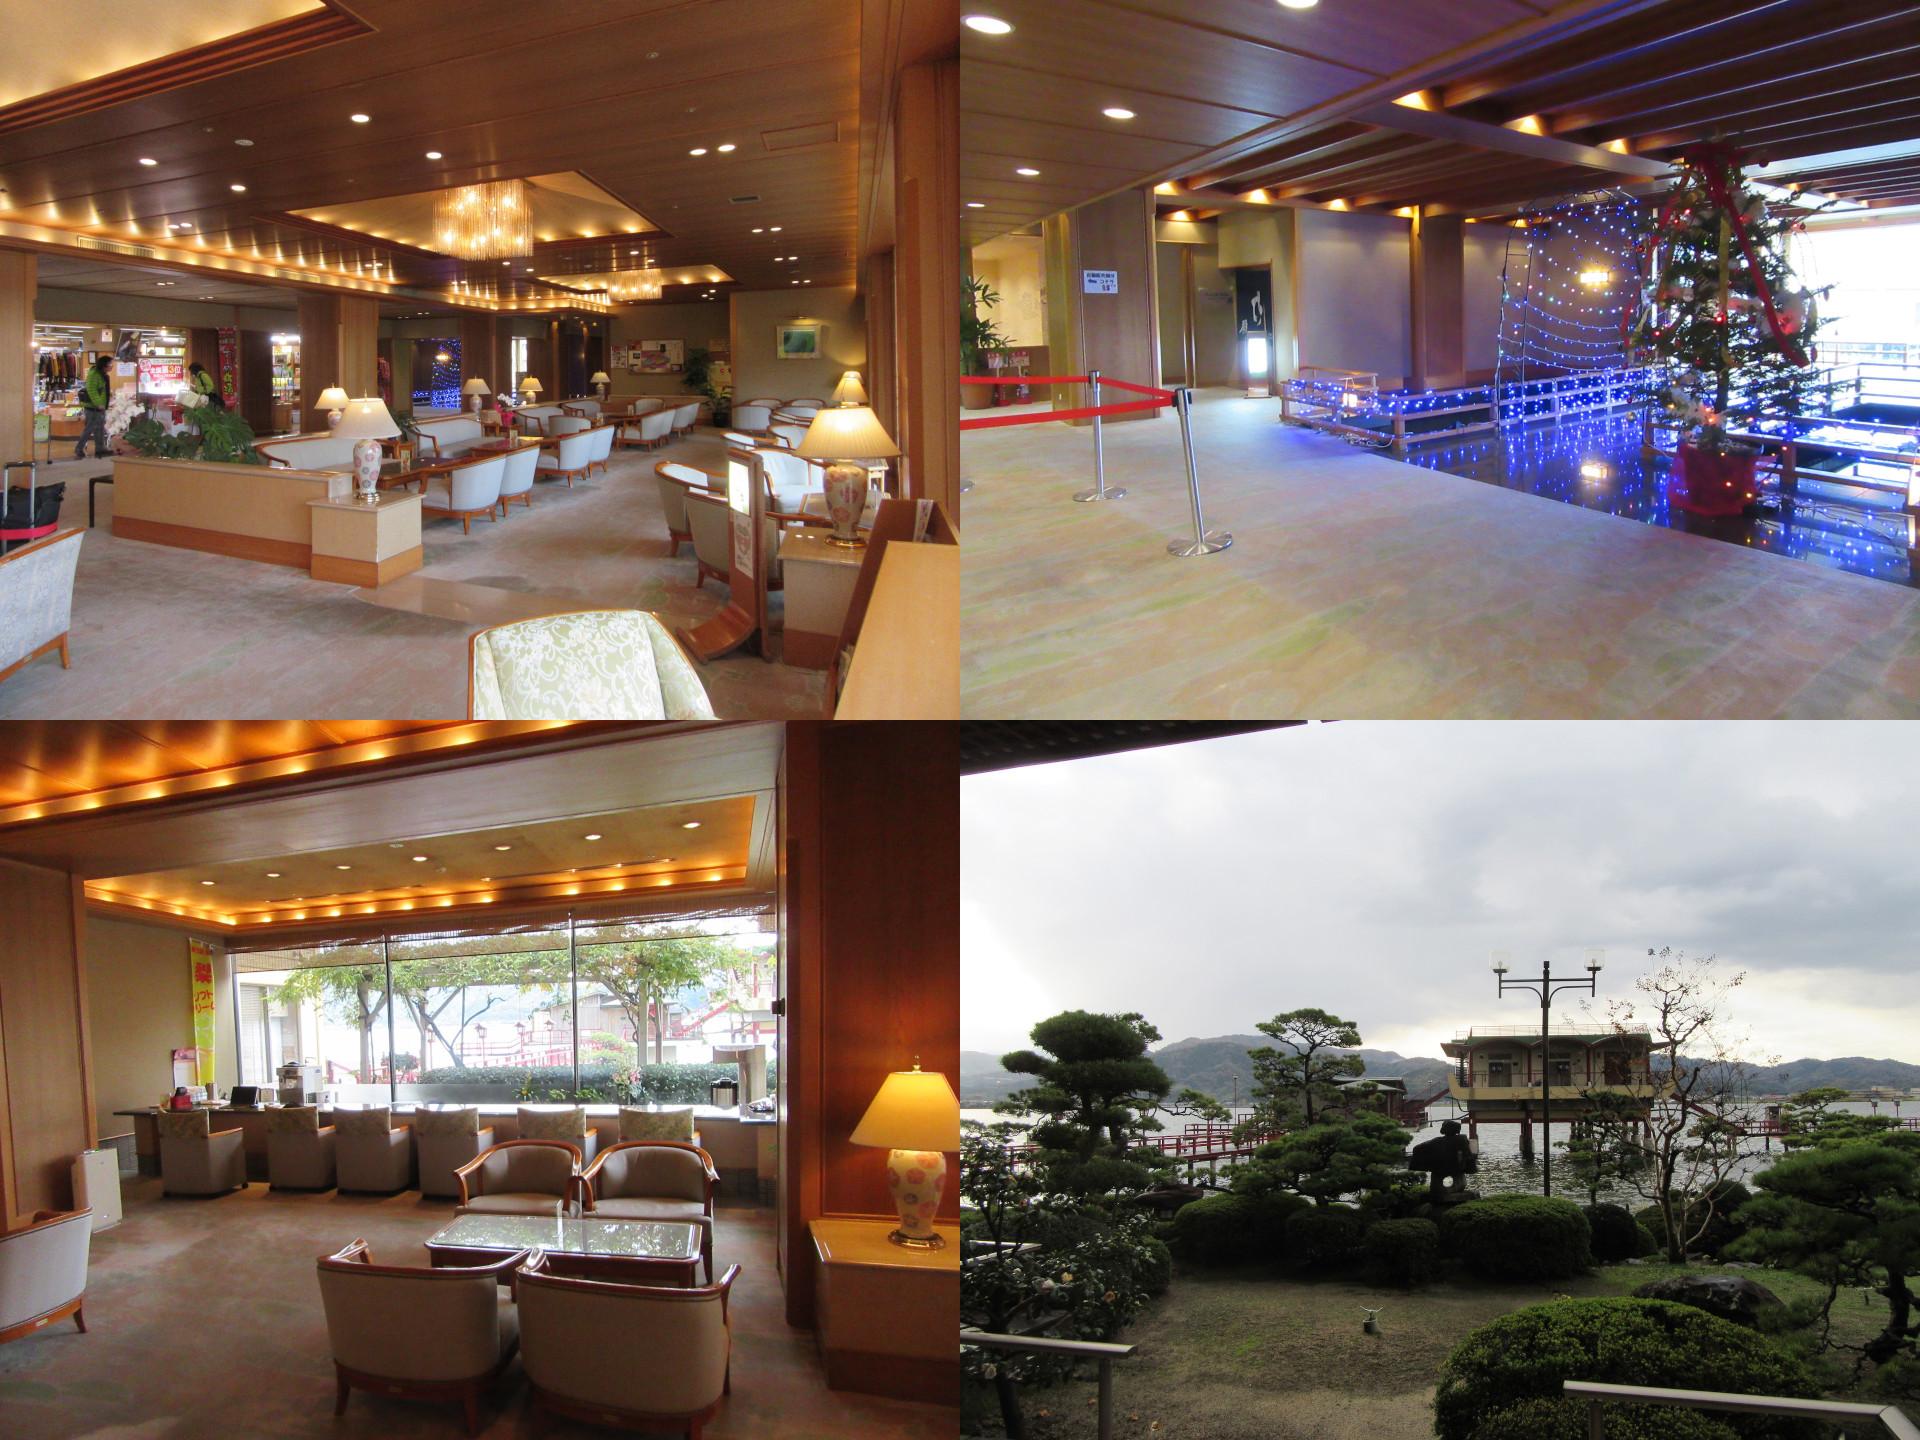 倉吉(鳥取)はわい温泉 望湖楼